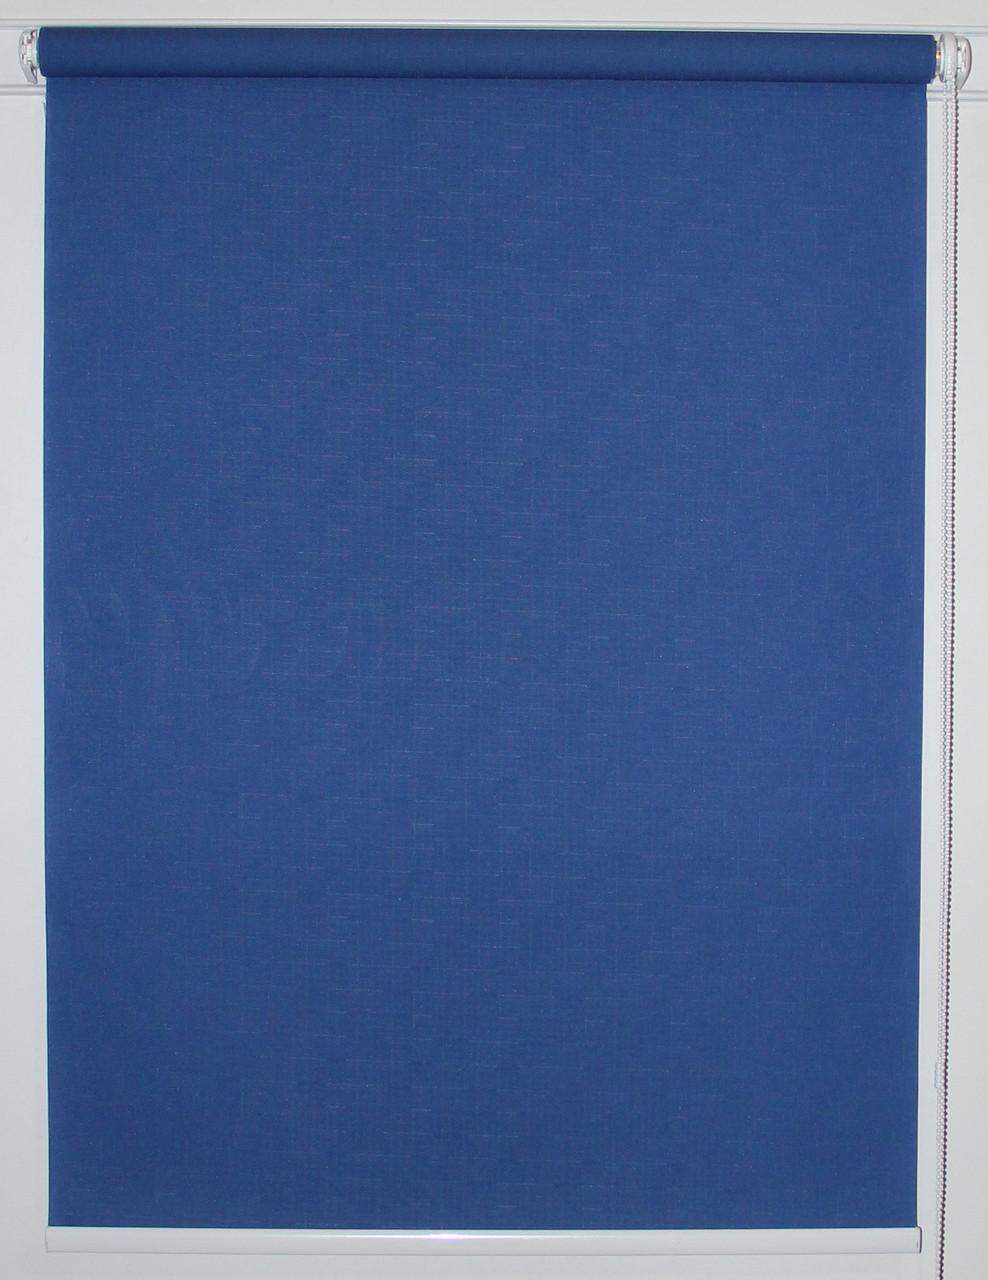 Рулонная штора 600*1500 Лён 2075 Синий